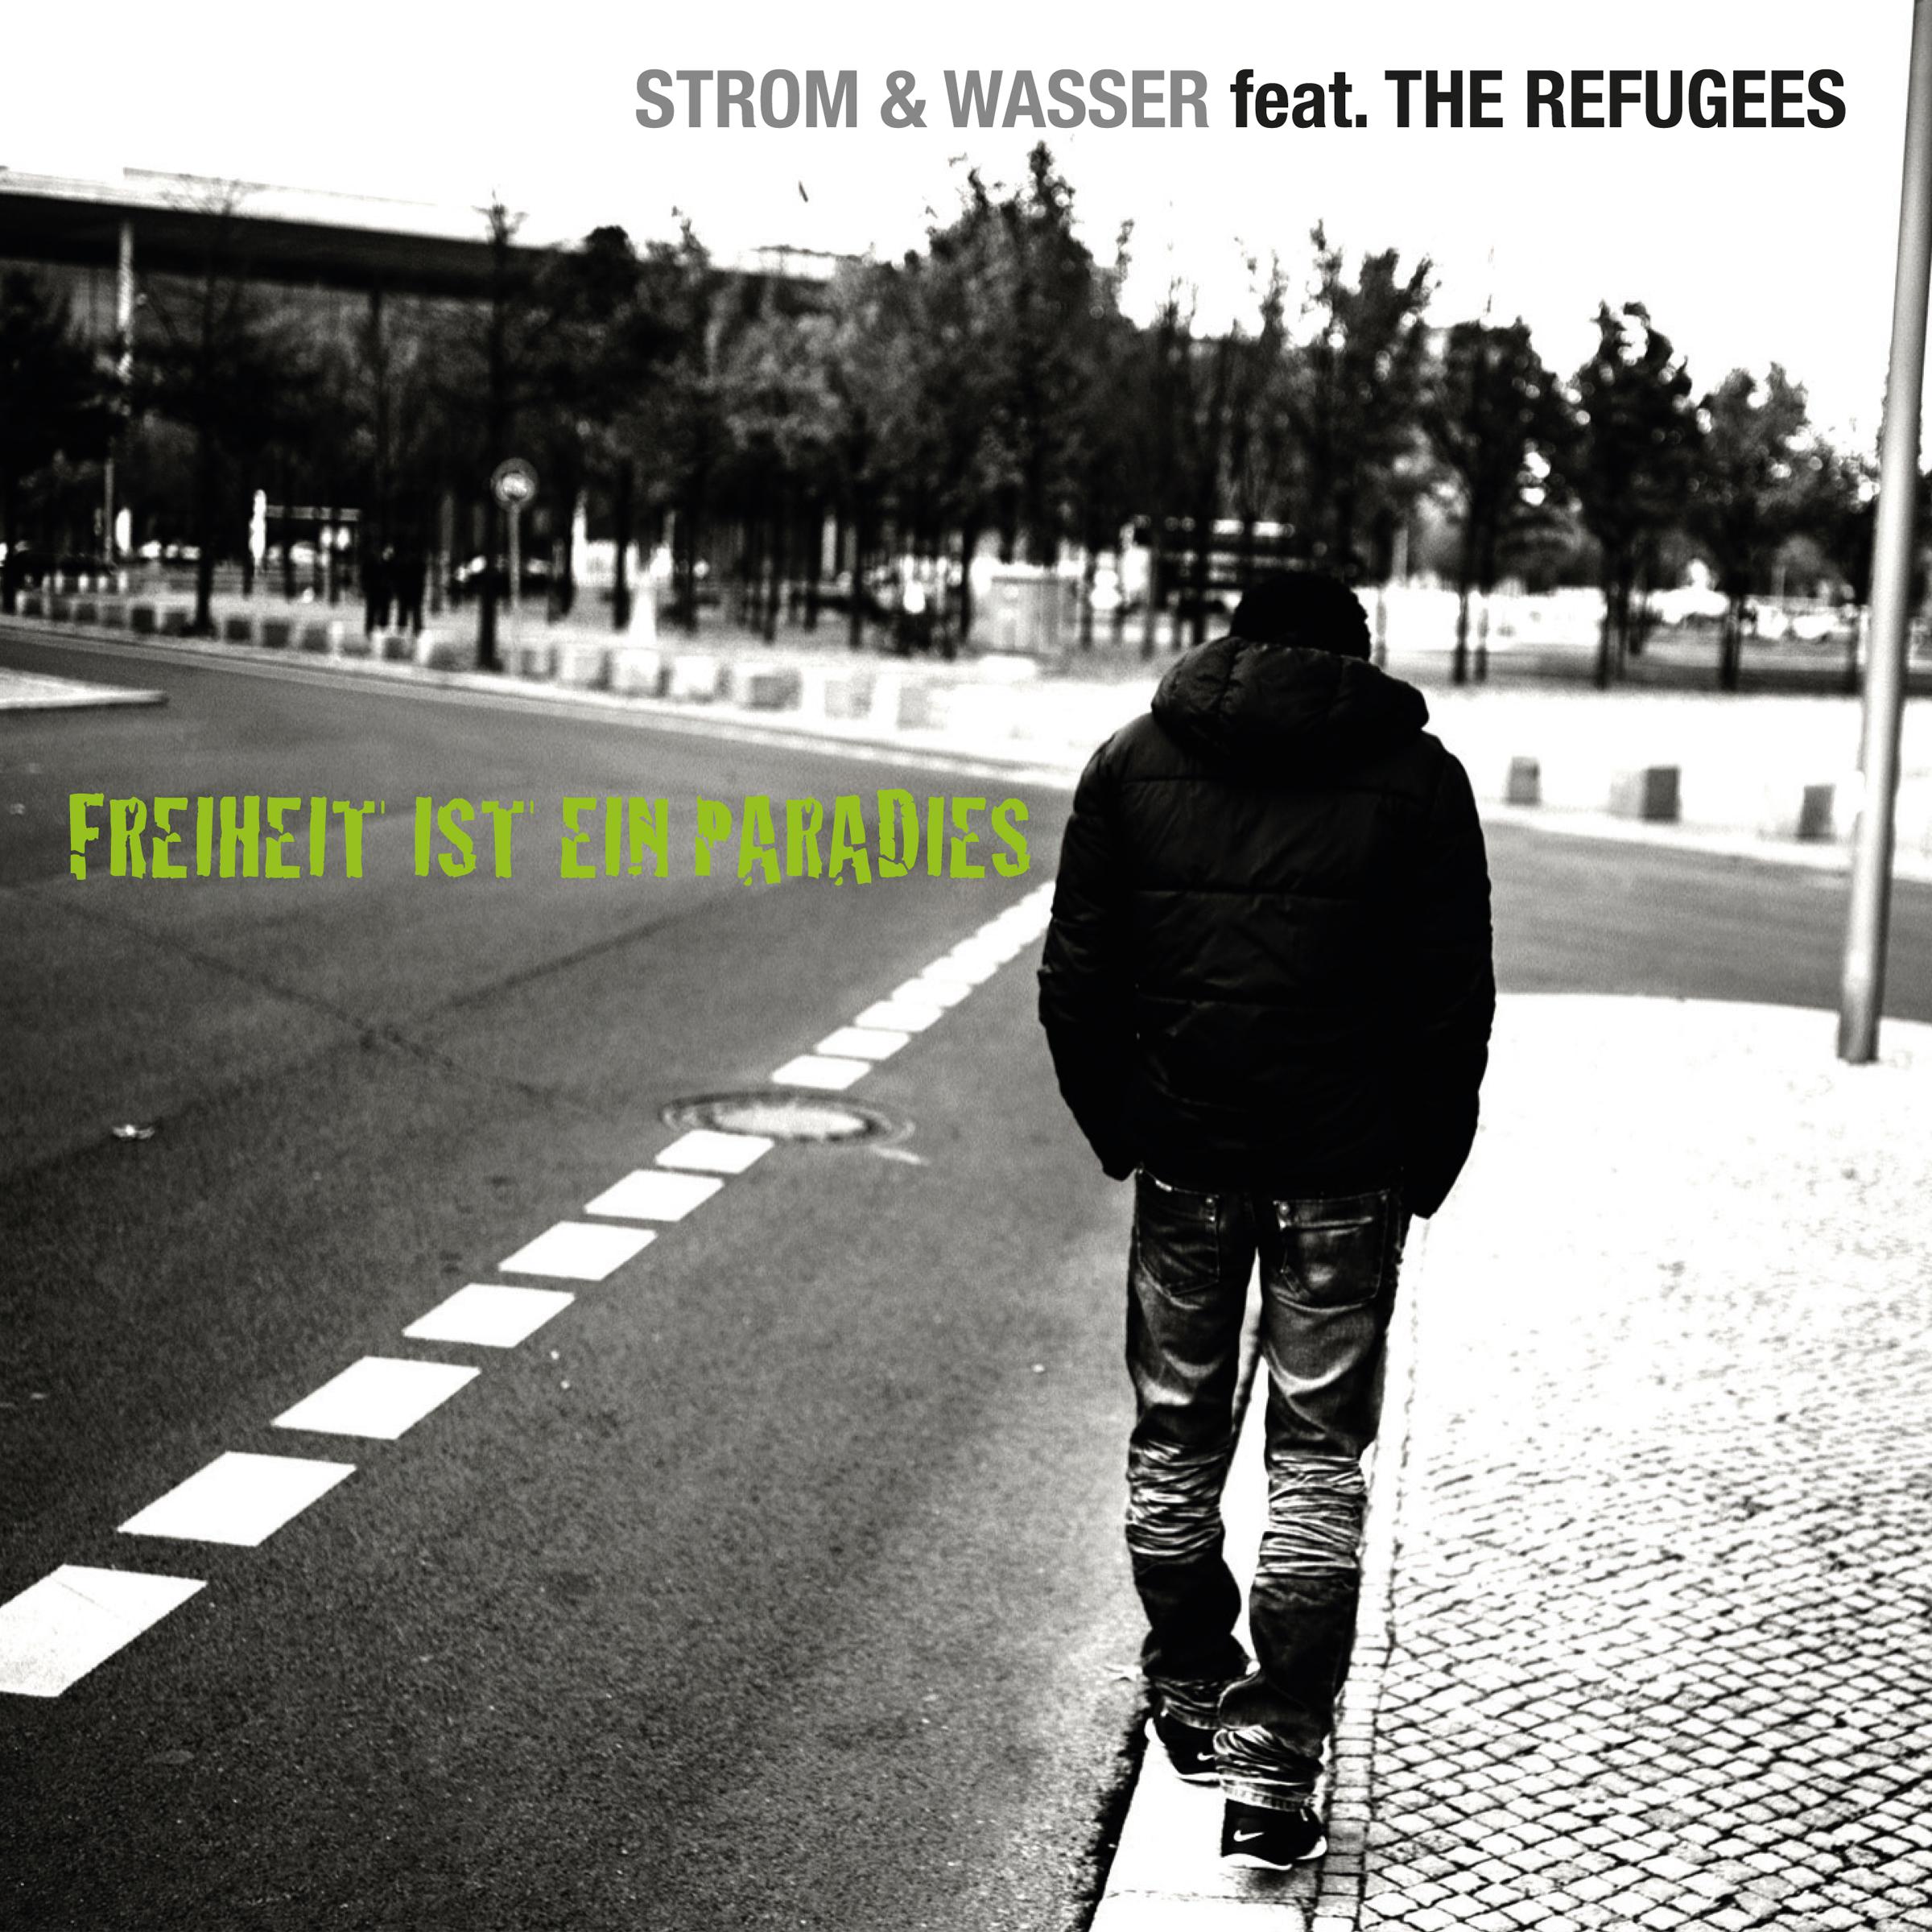 Strom & Wasser fet. The Refugees - Freiheit ist ein Paradies